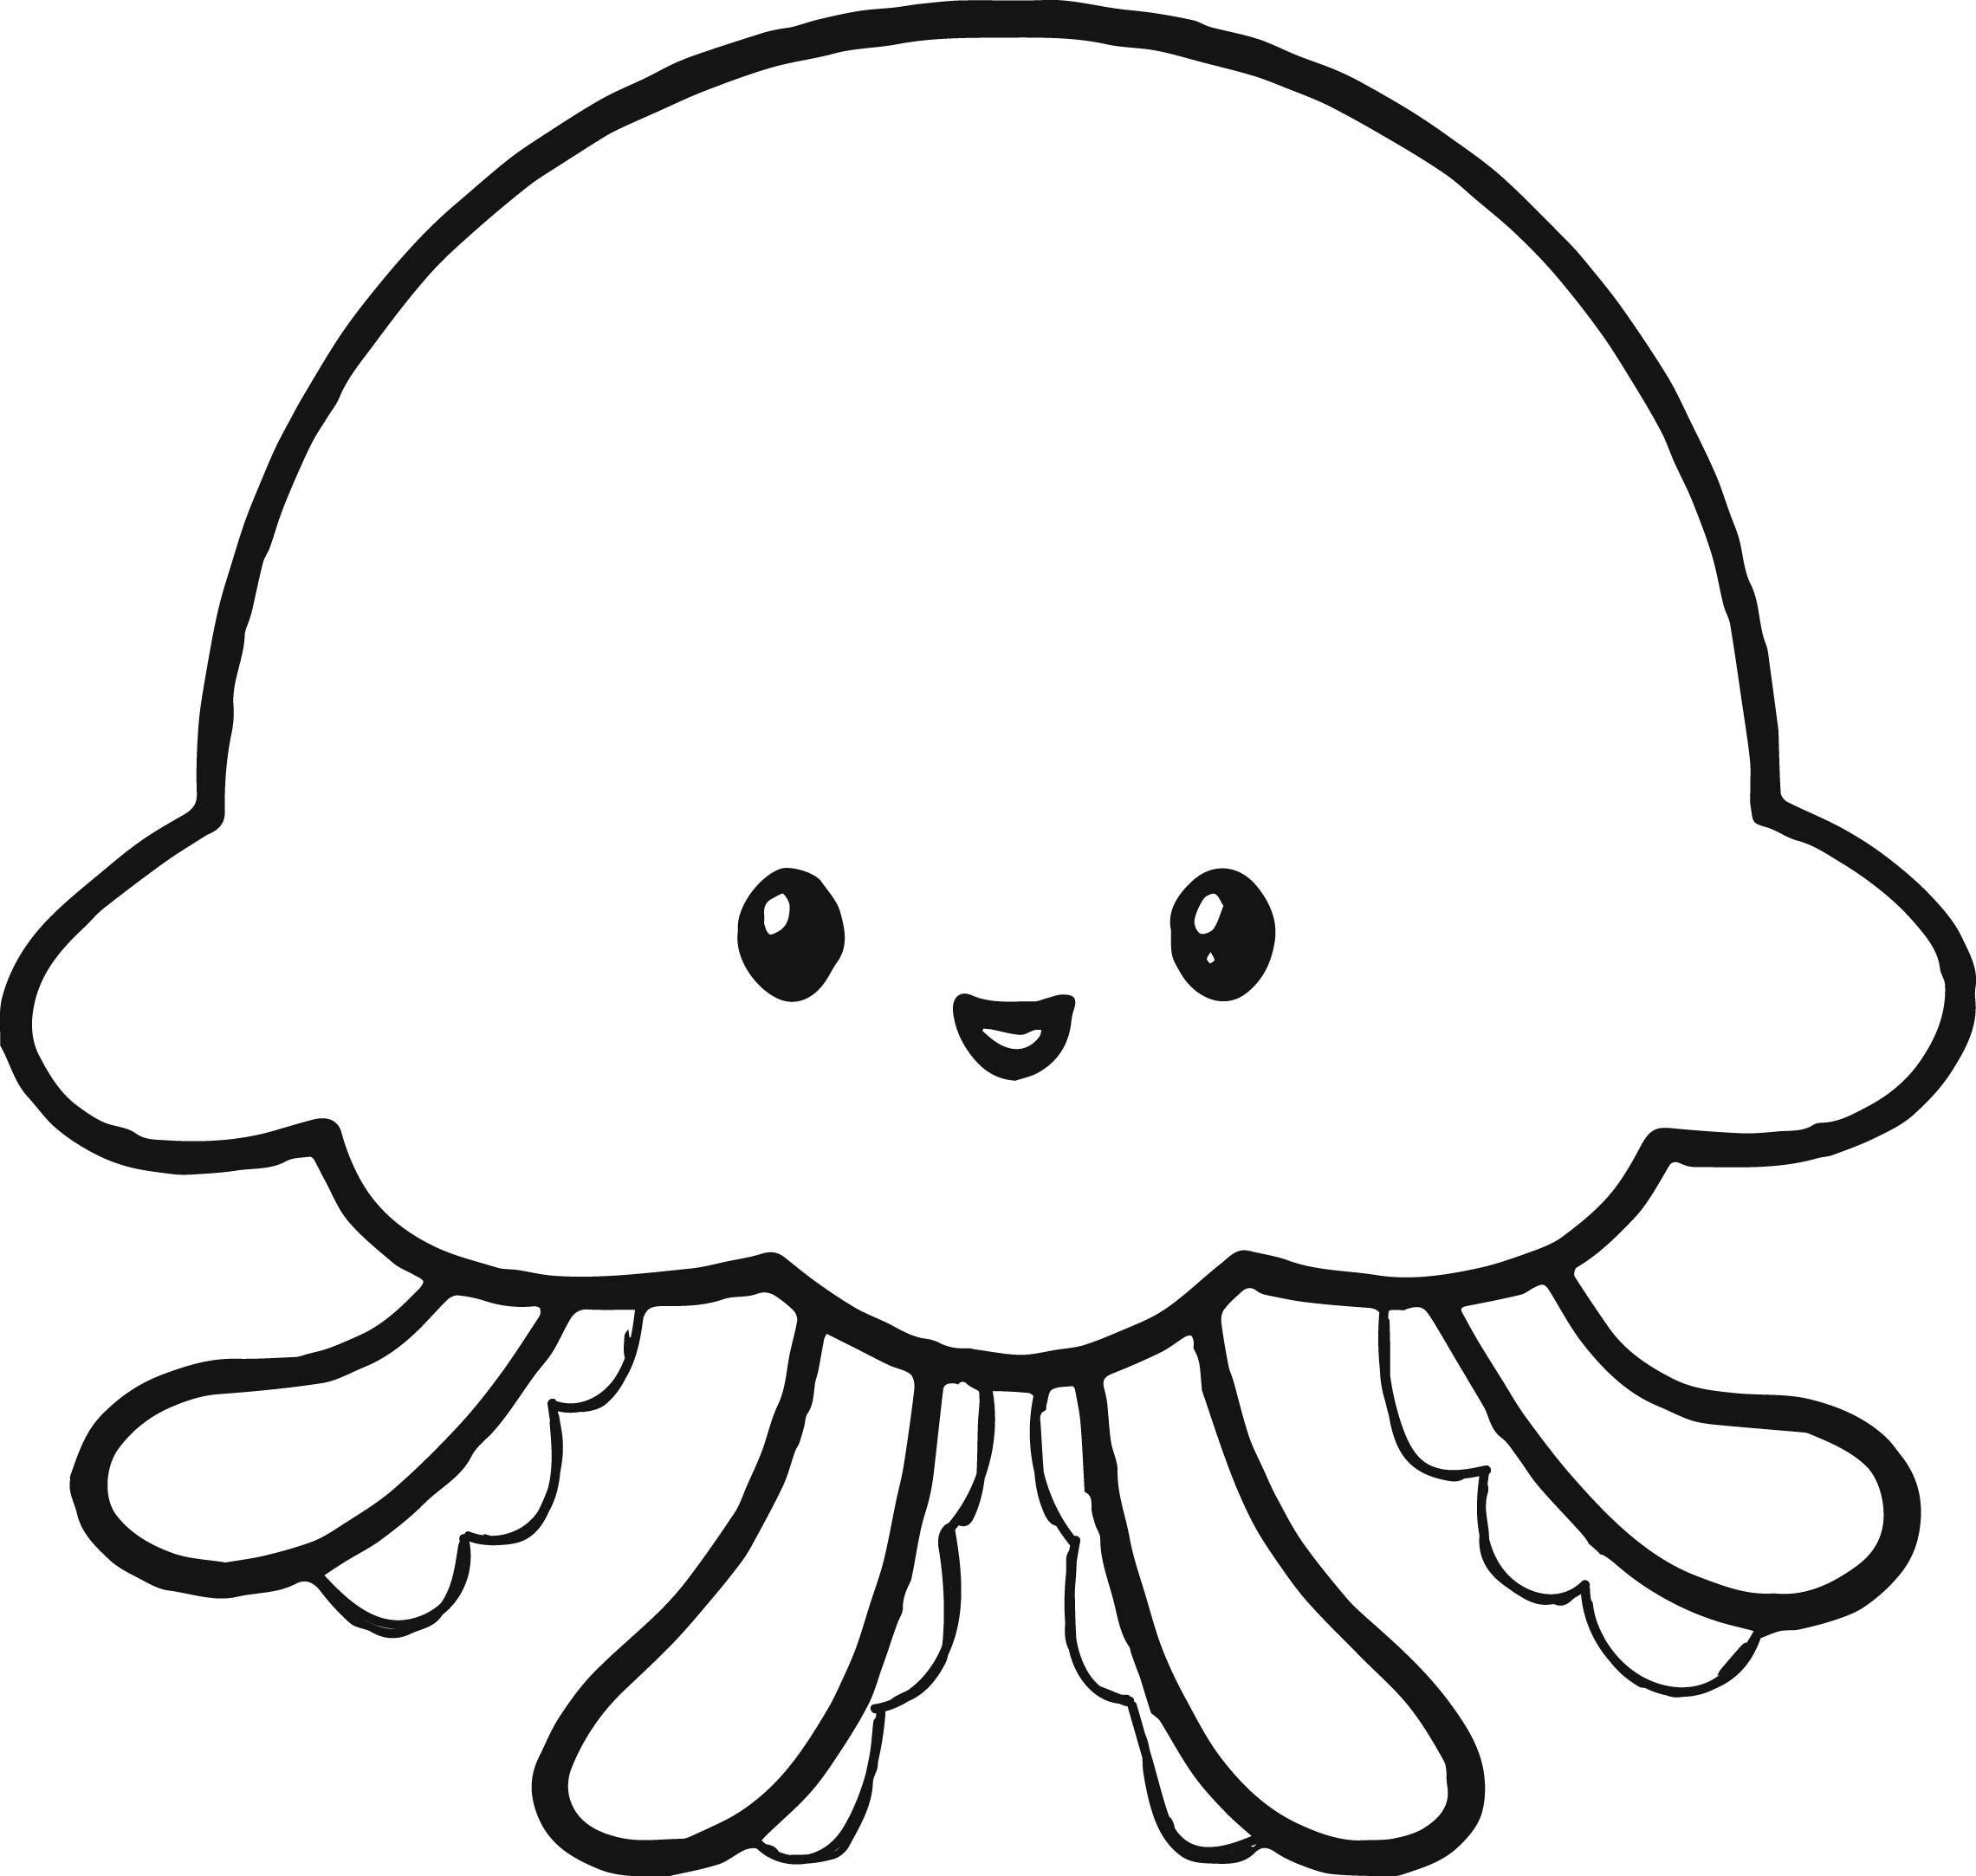 Jellyfish Tattoo Drawing